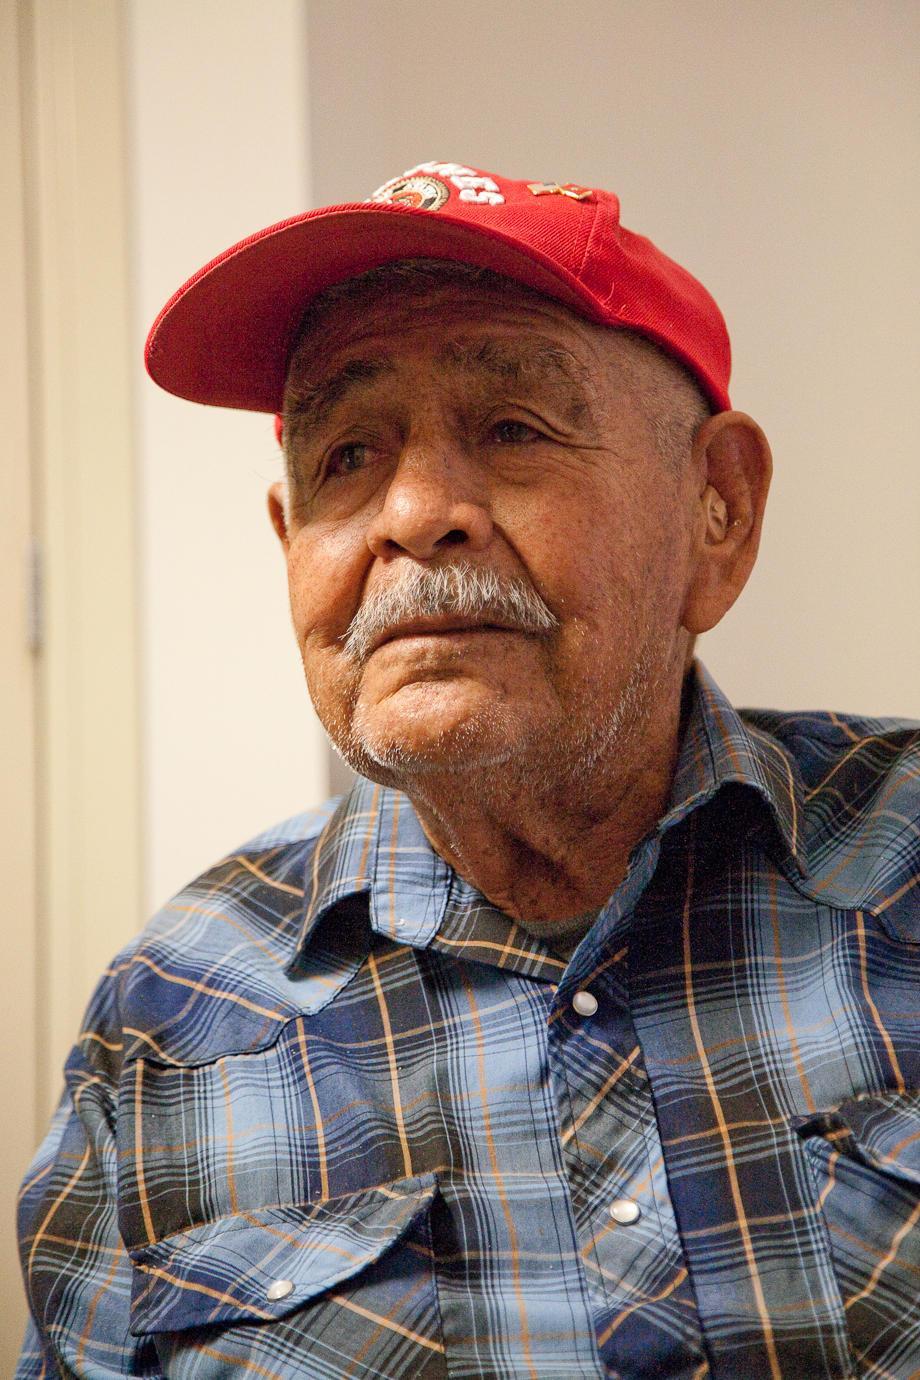 Navajo Code Talker Edward Anderson